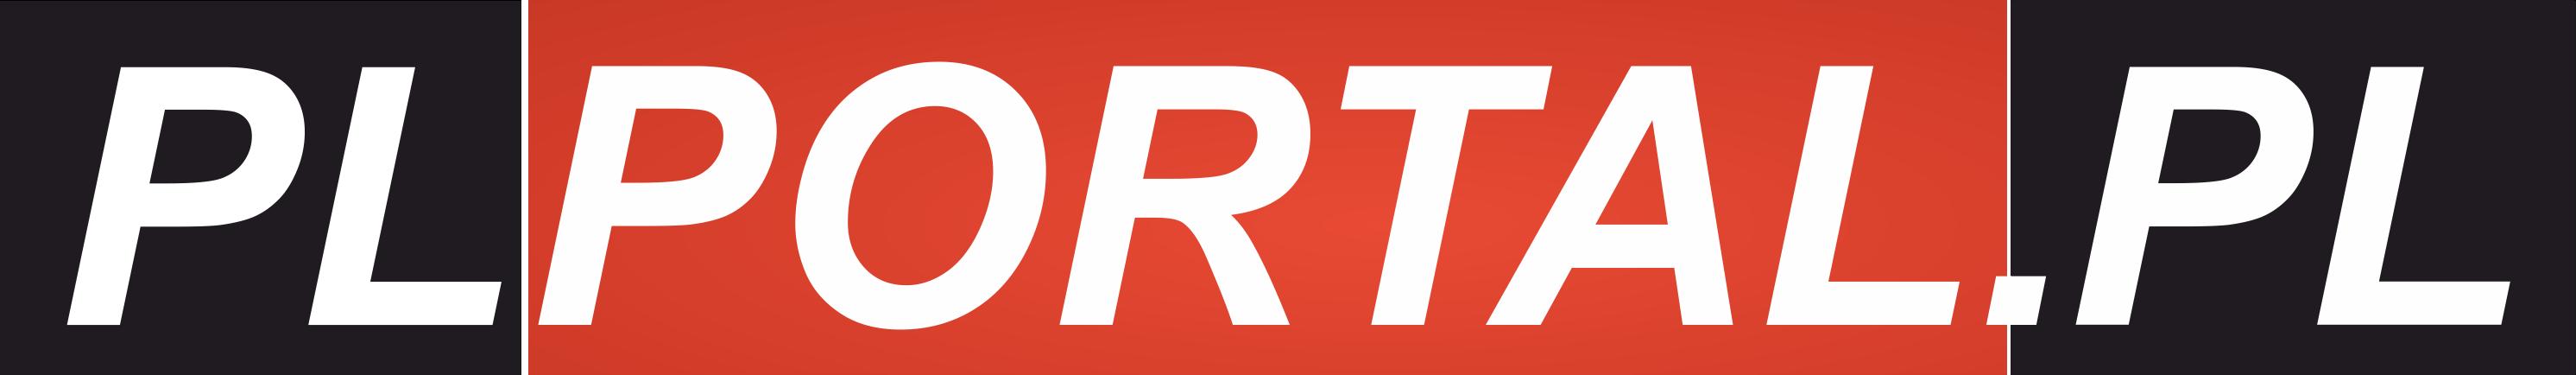 plportal logo plportal.pl